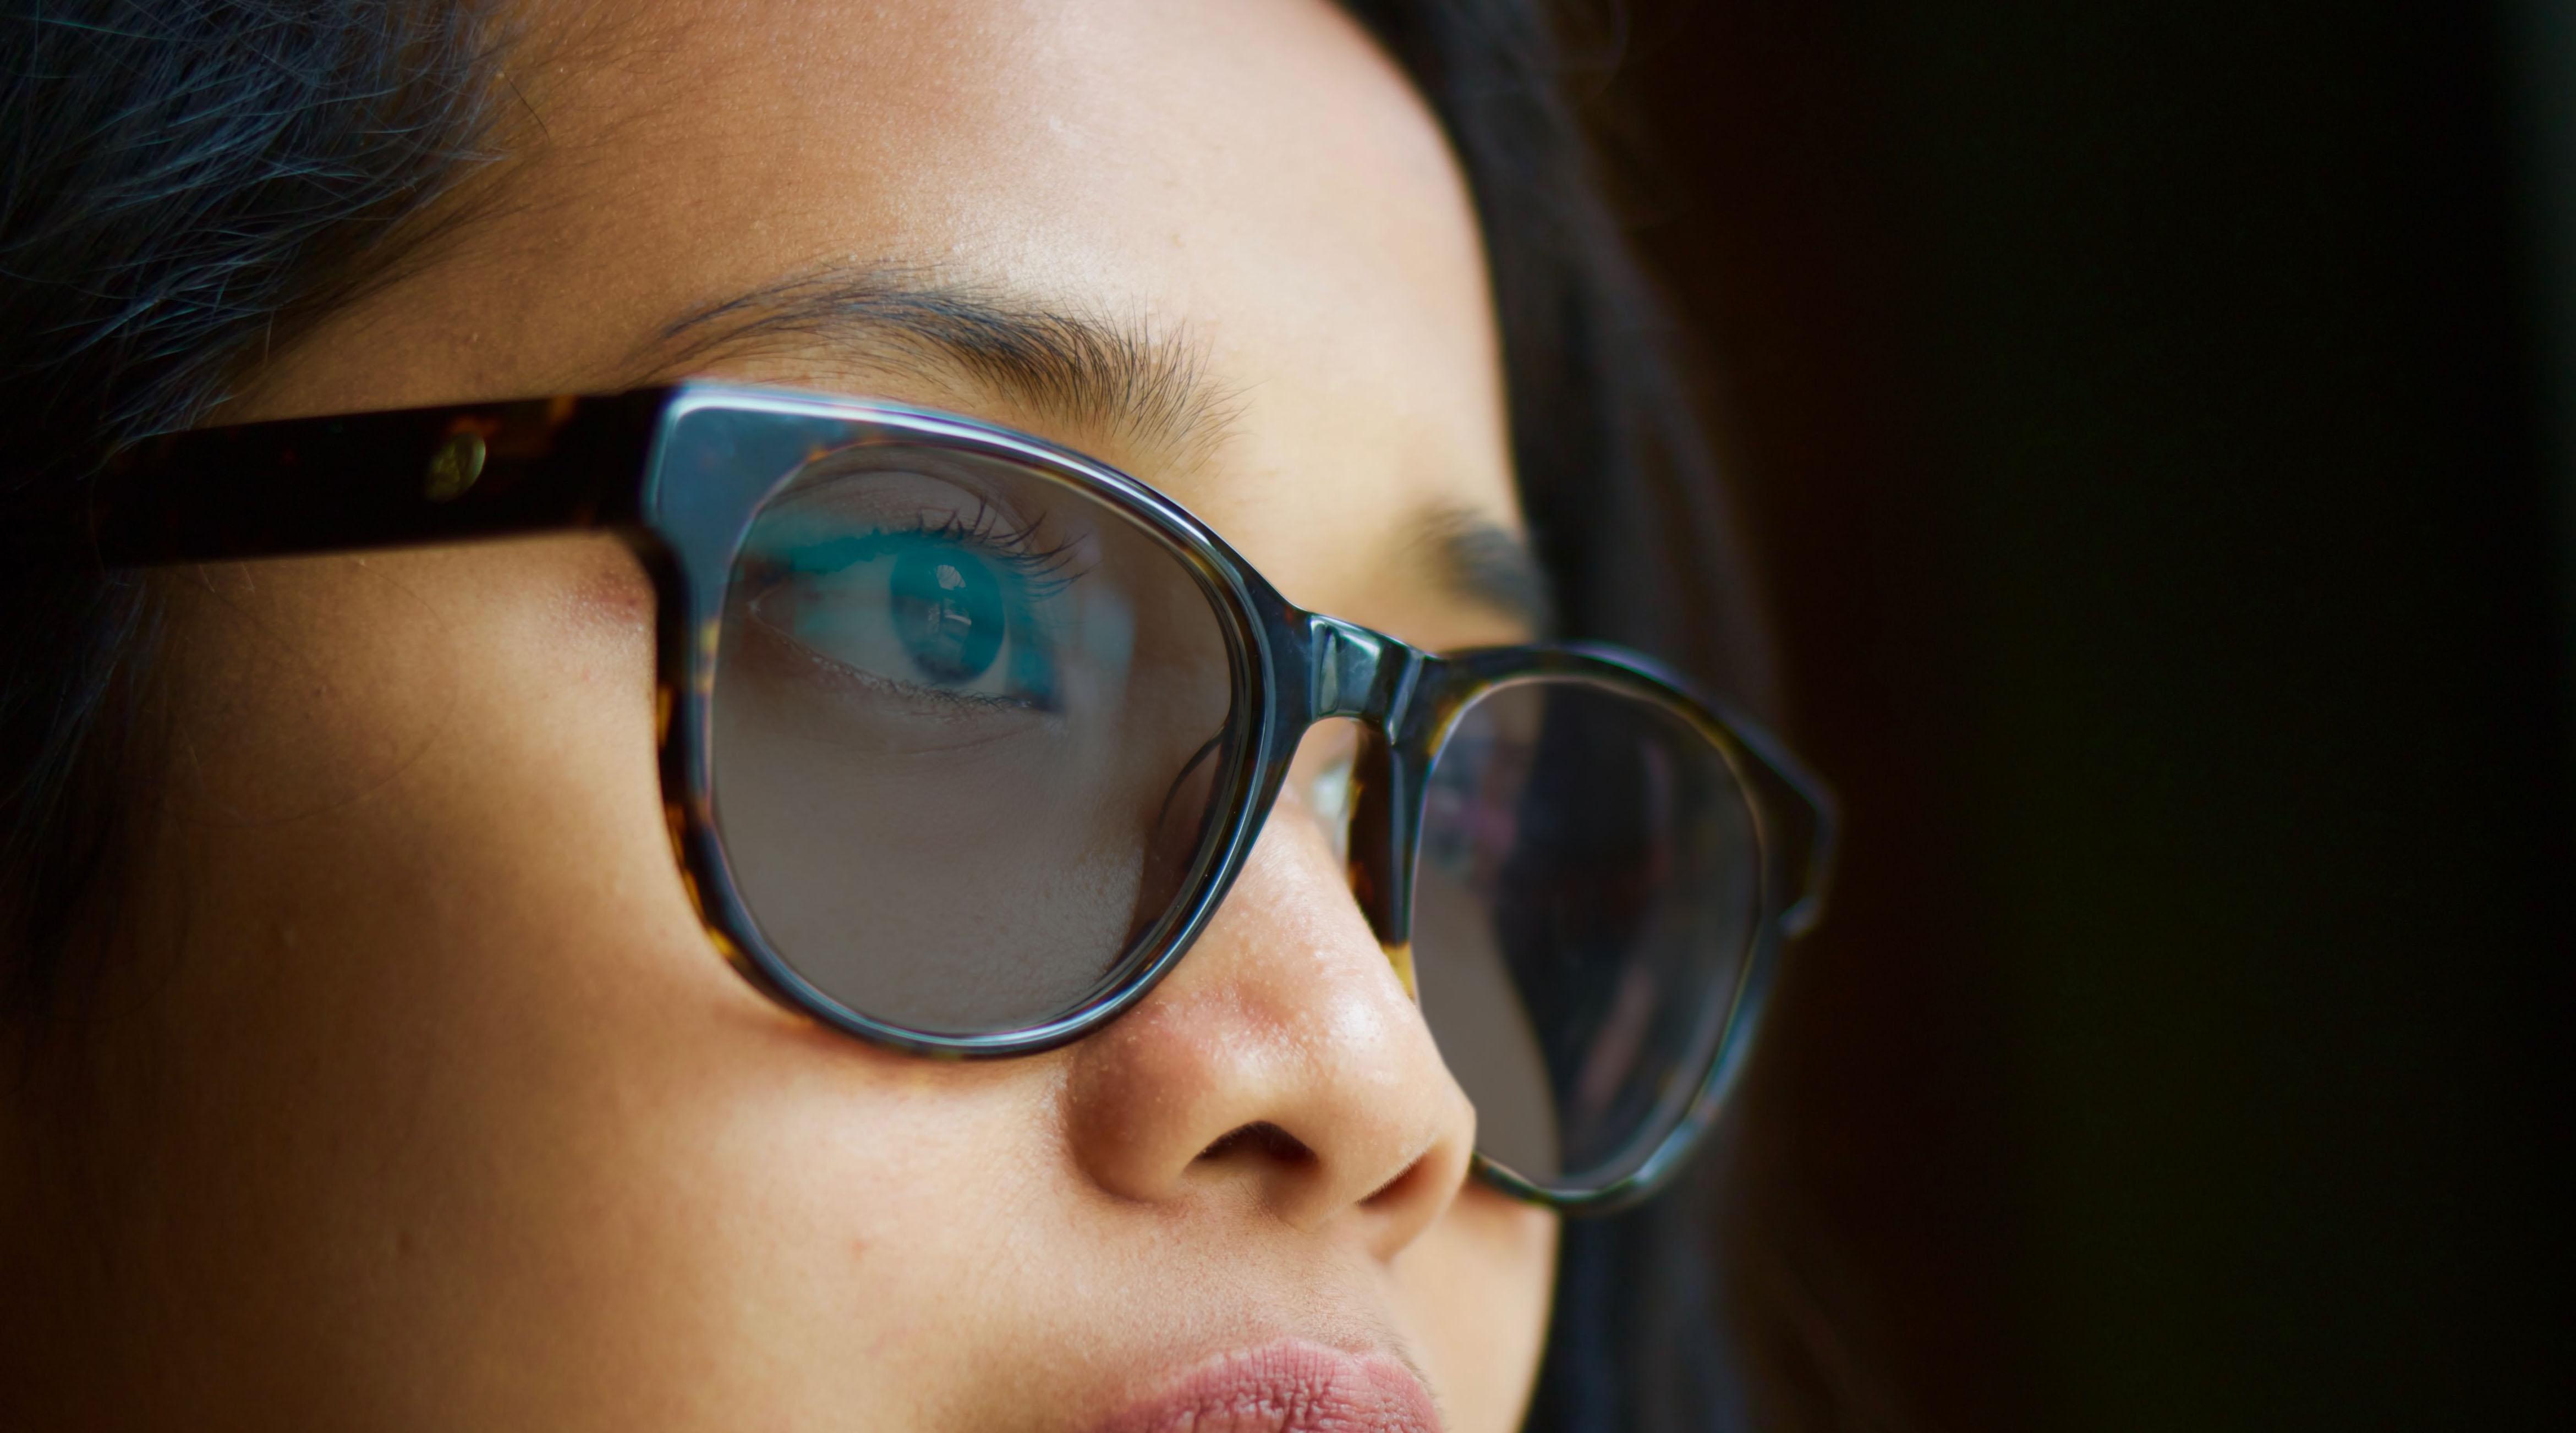 Comprar Oculos Oakley Online « Heritage Malta 58131a4843